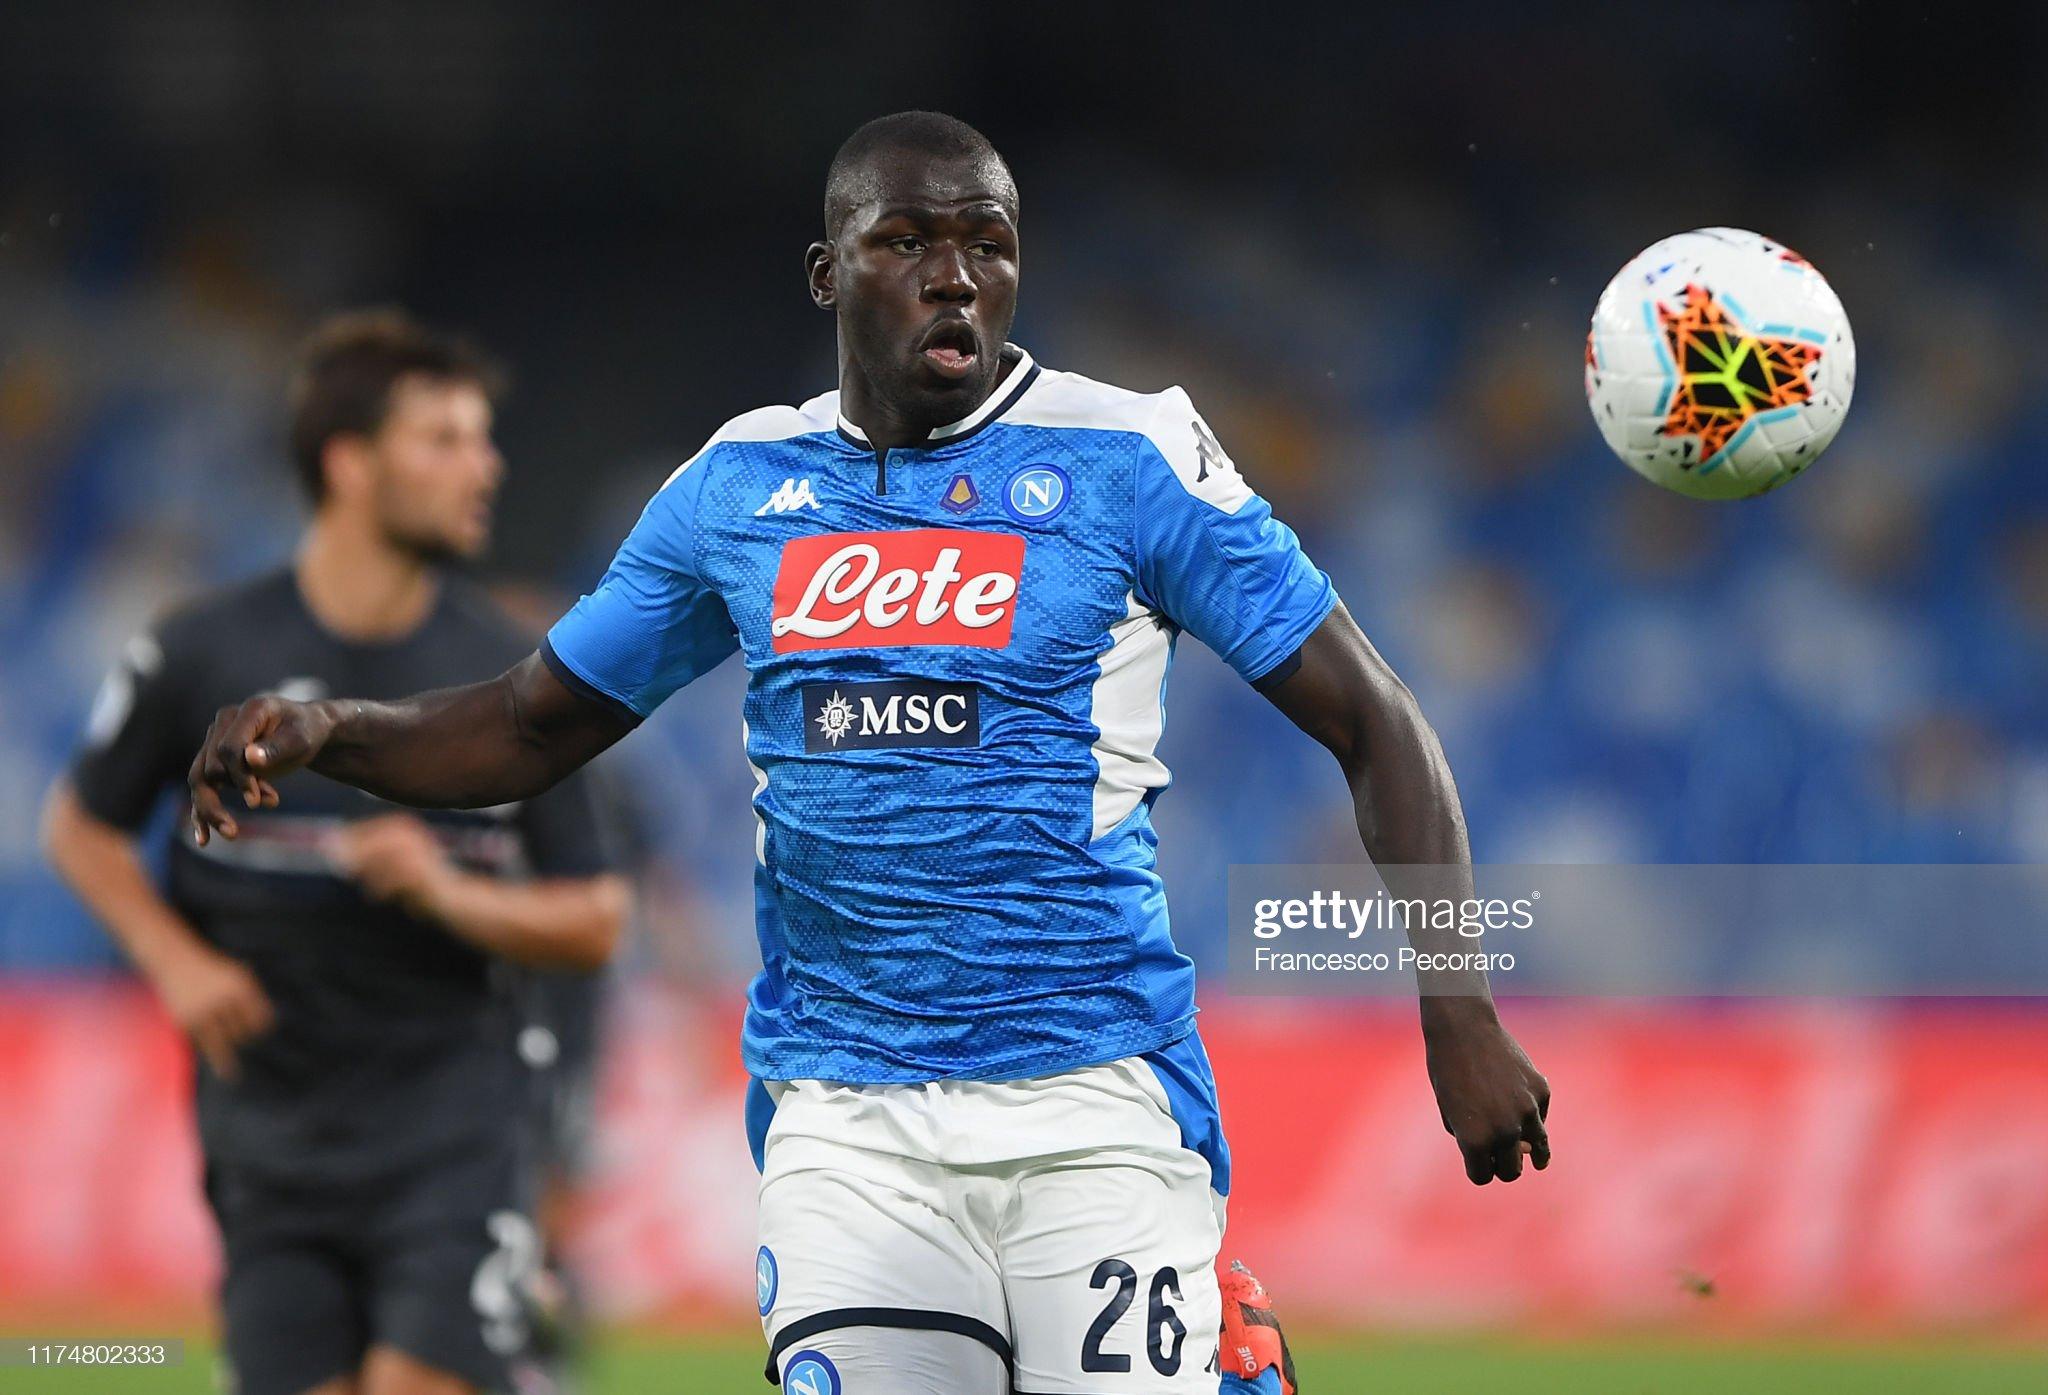 SSC Napoli v UC Sampdoria - Serie A : News Photo